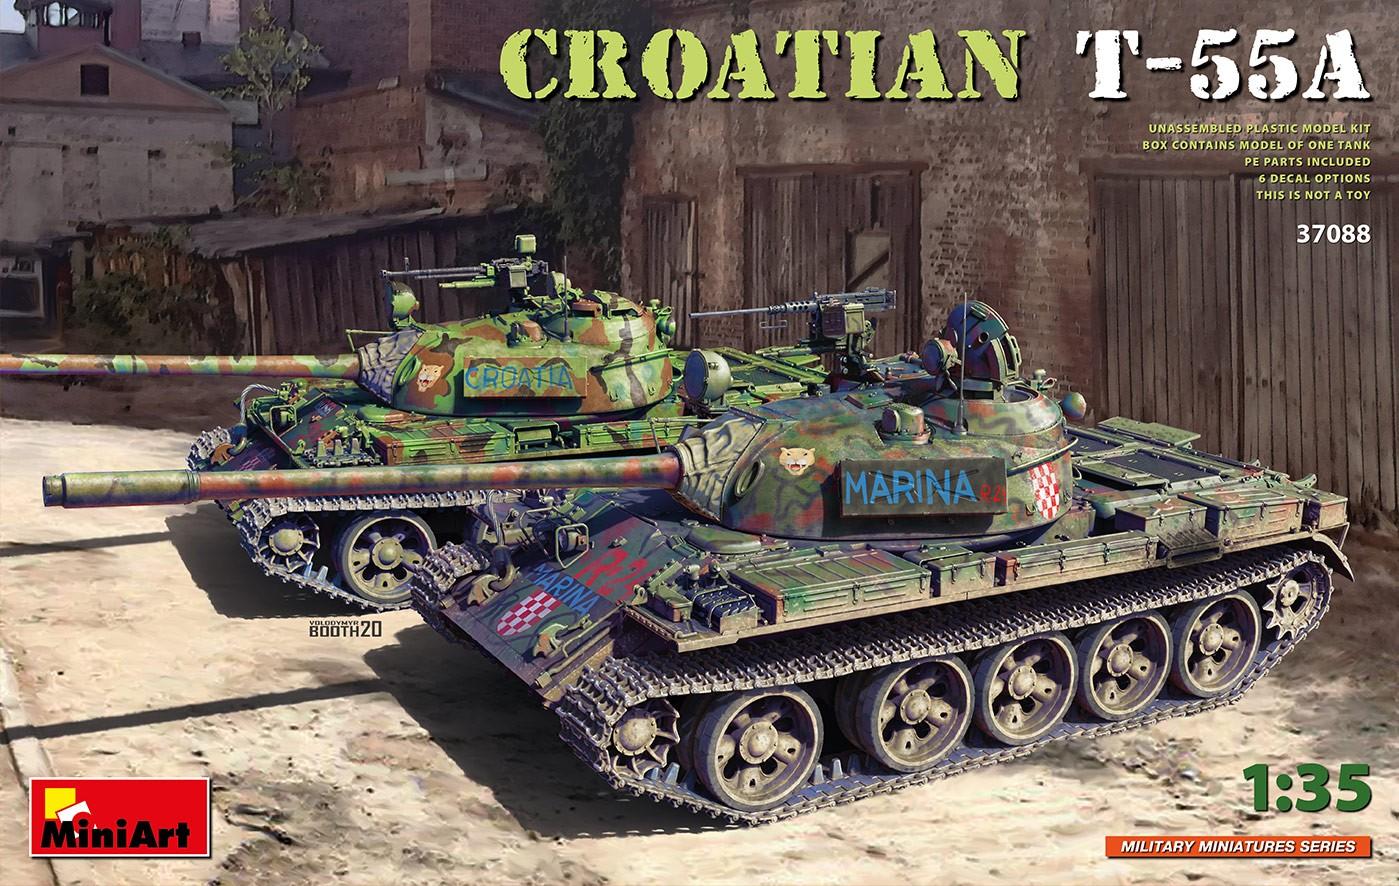 37088 Croatian T-55A Image